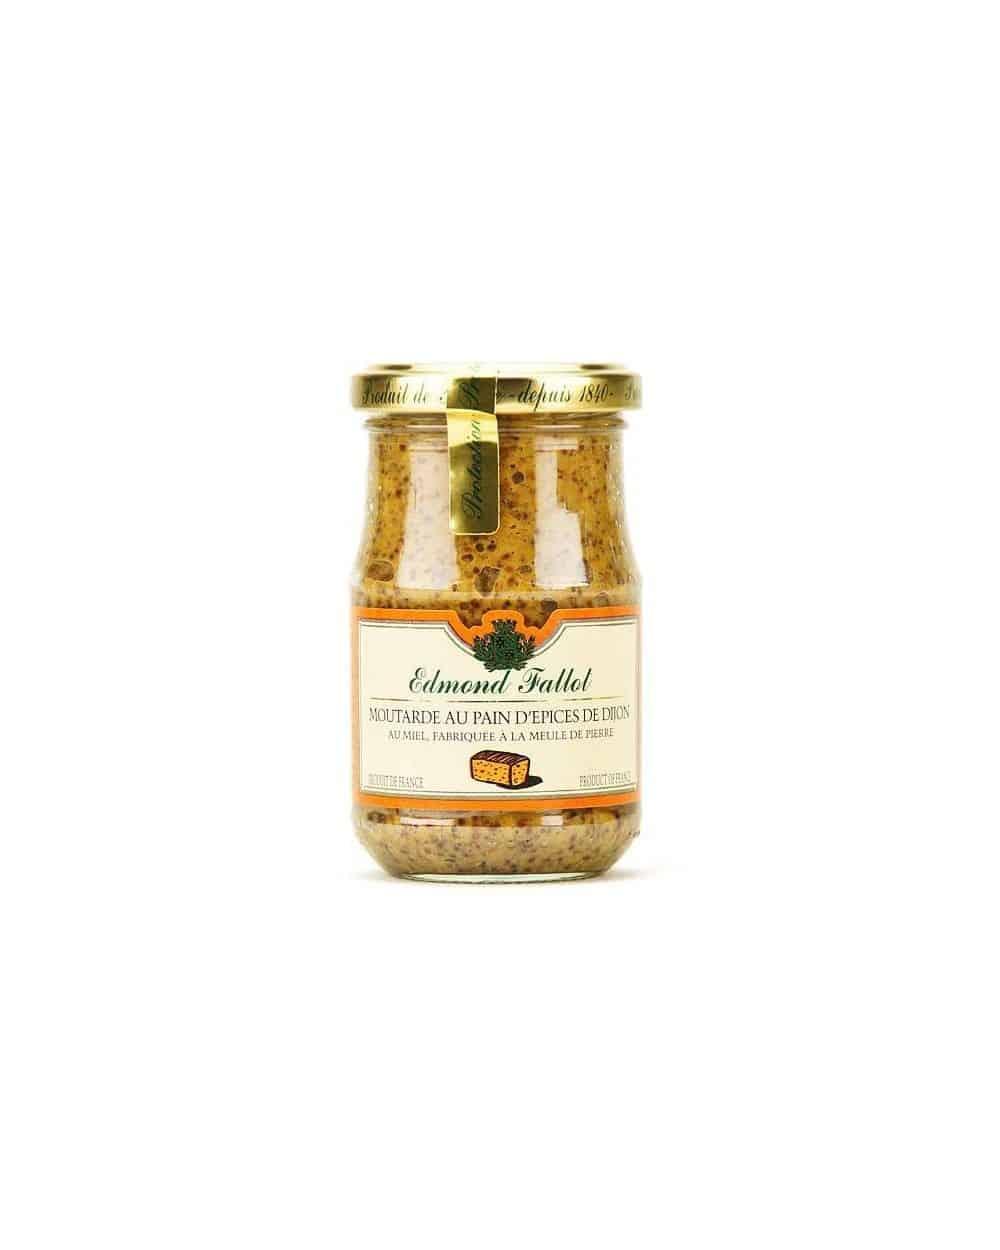 Moutarde au Pain d'épices de Dijon 205g